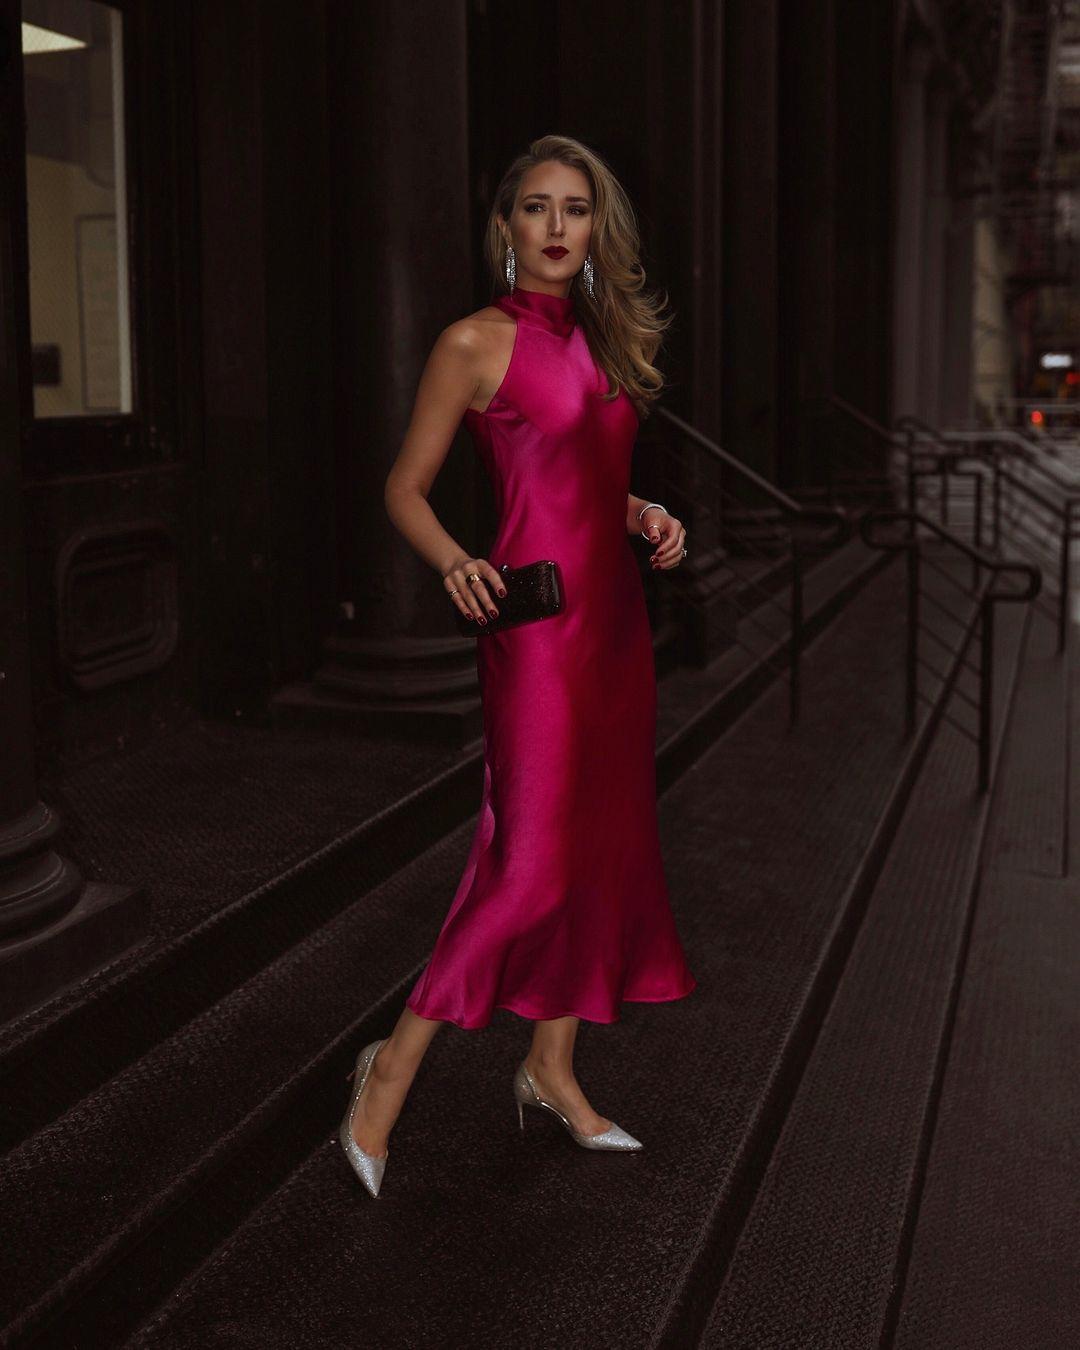 1612584555 50 echa un vistazo a las opciones para comprar y 30 - 40 modelos de vestidos rosas para un look que no pasa desapercibido